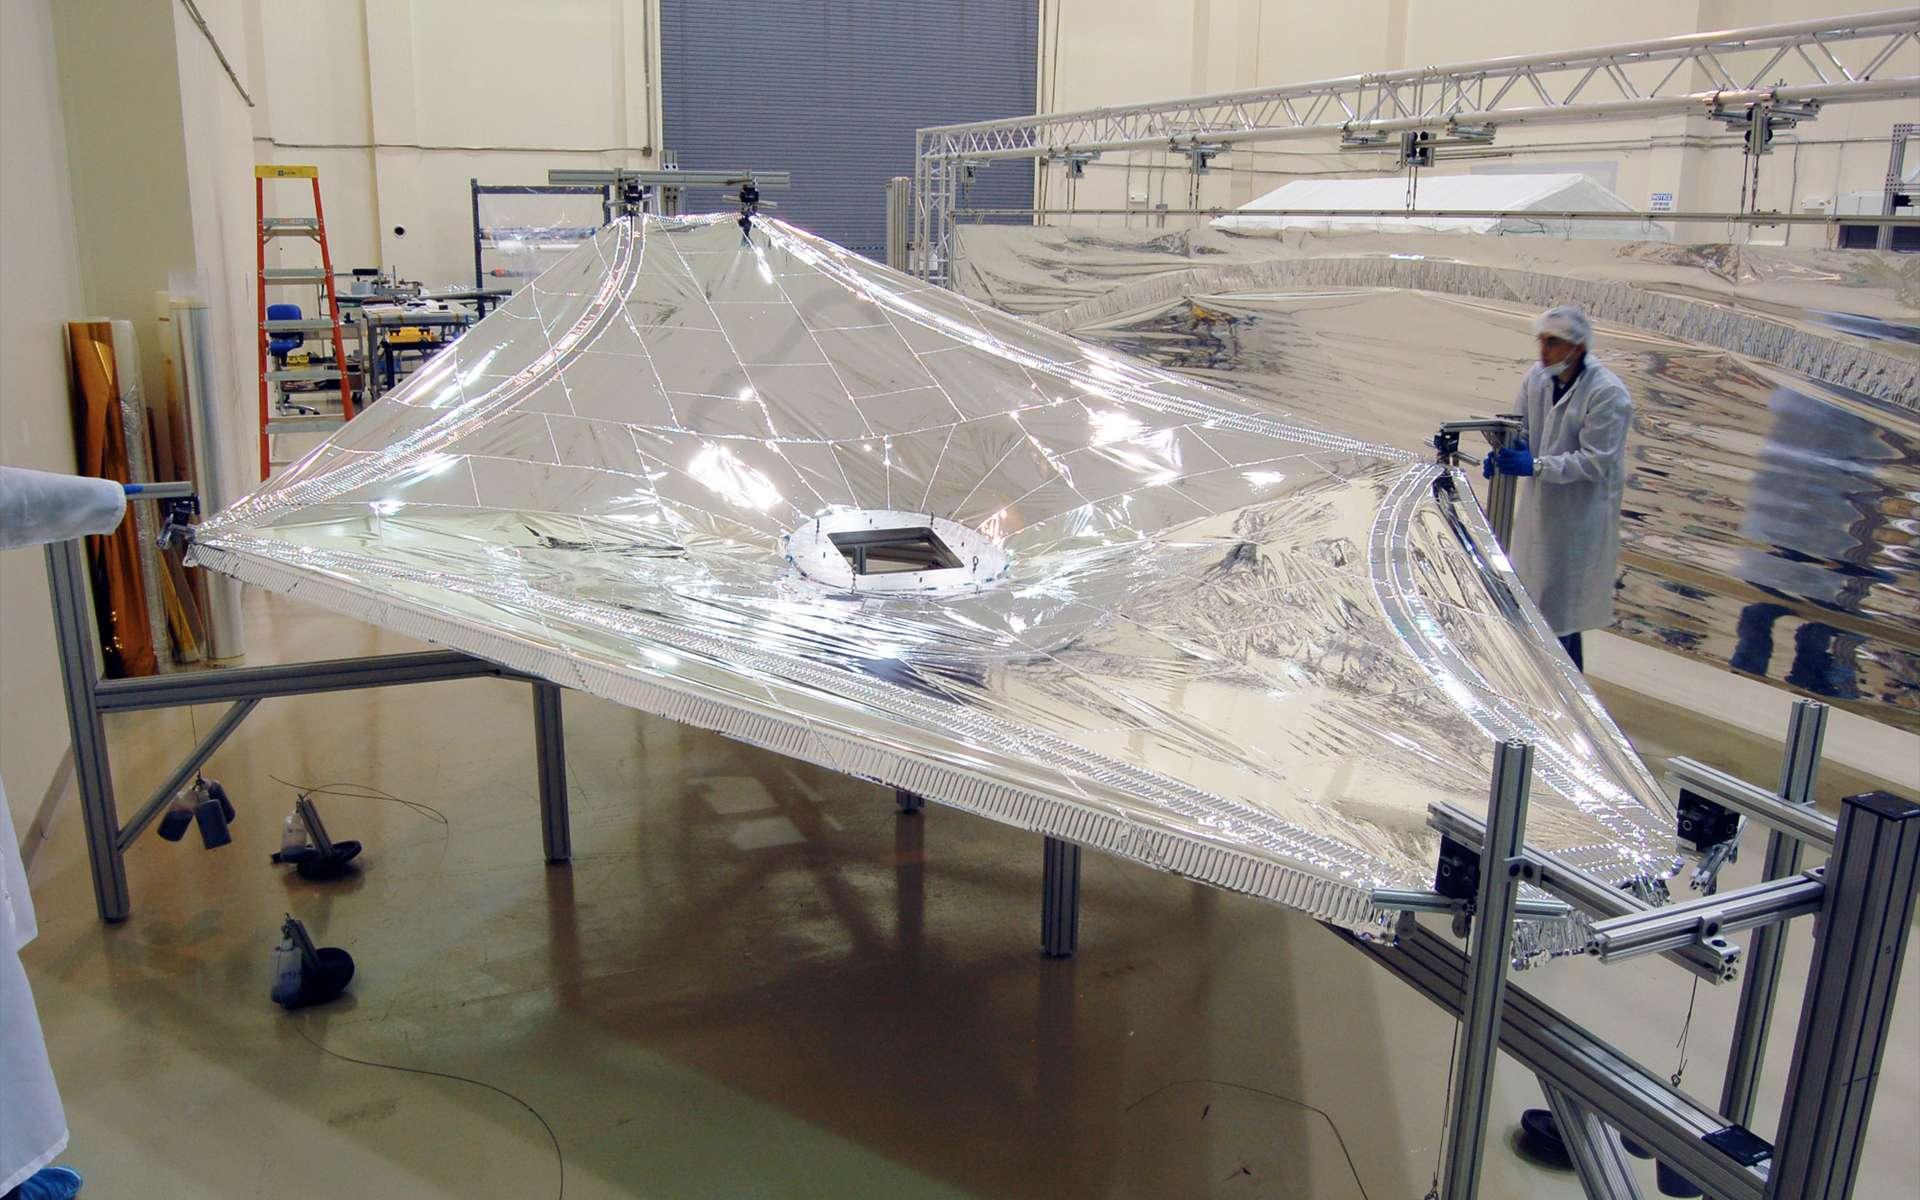 Essai de déploiement et de tension d'une maquette au 1/3 du bouclier thermique du télescope spatial James Webb. © Nasa